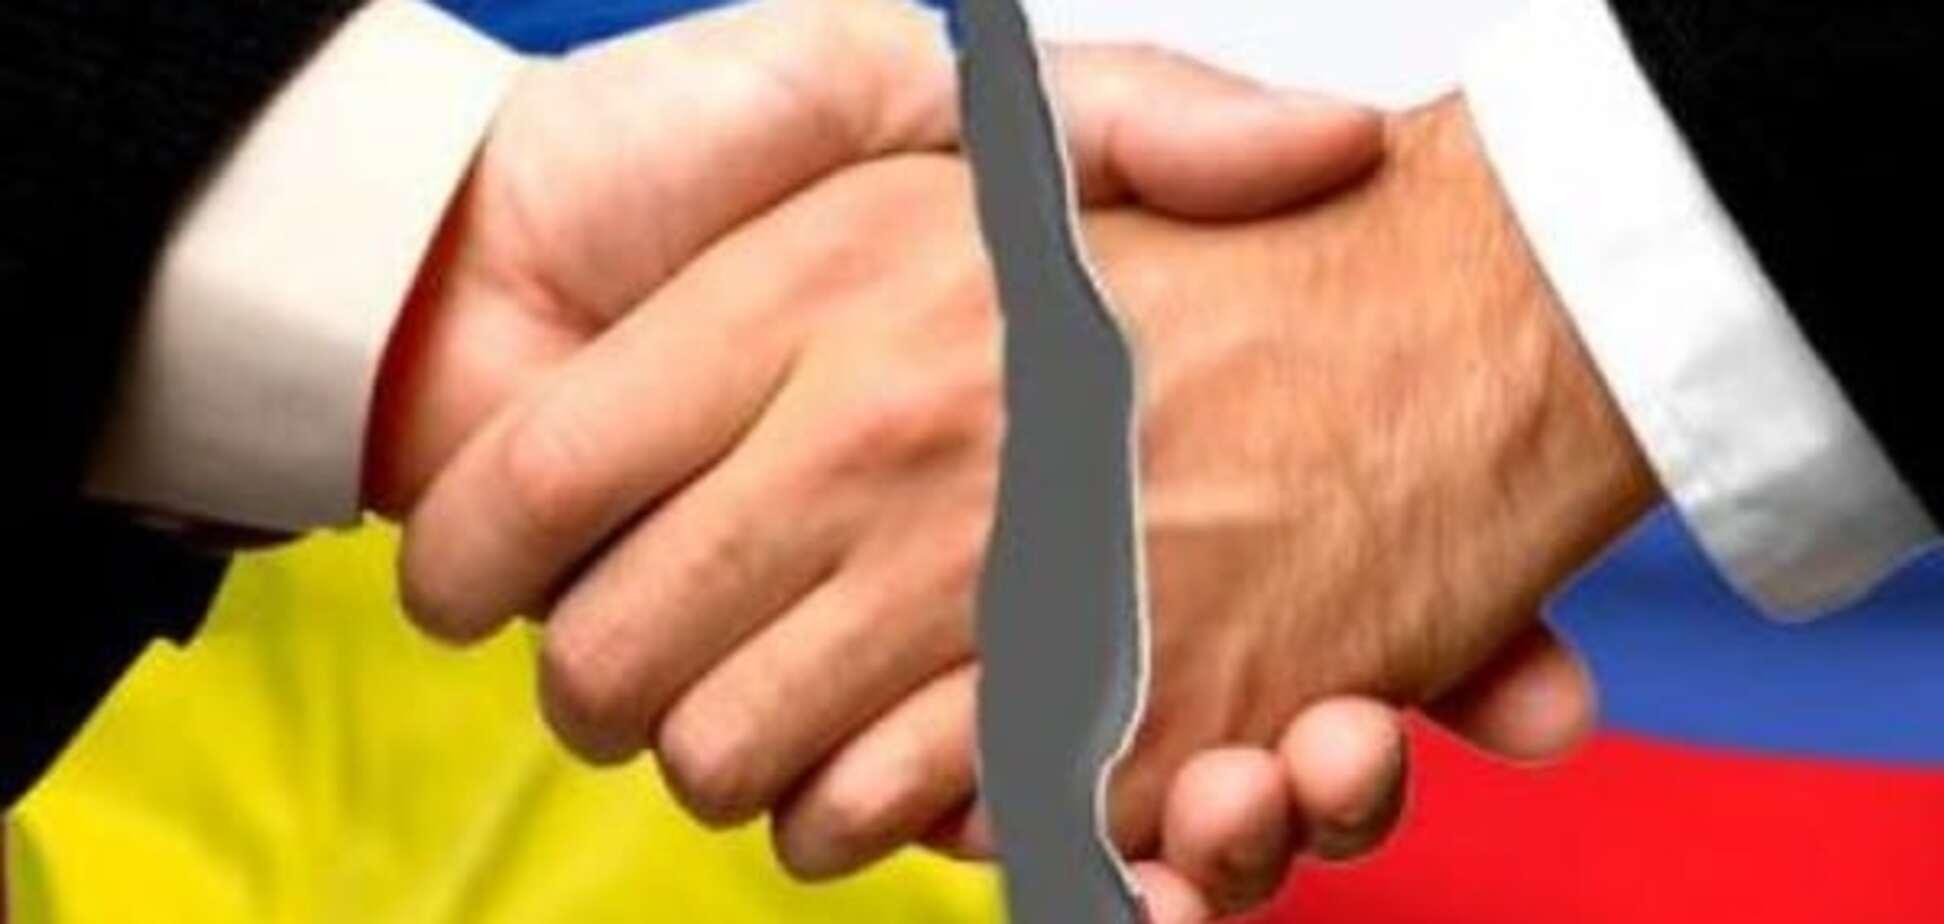 Никогда мы не будем братьями: Панфилов рассказал, почему нельзя сравнивать украинцев и россиян